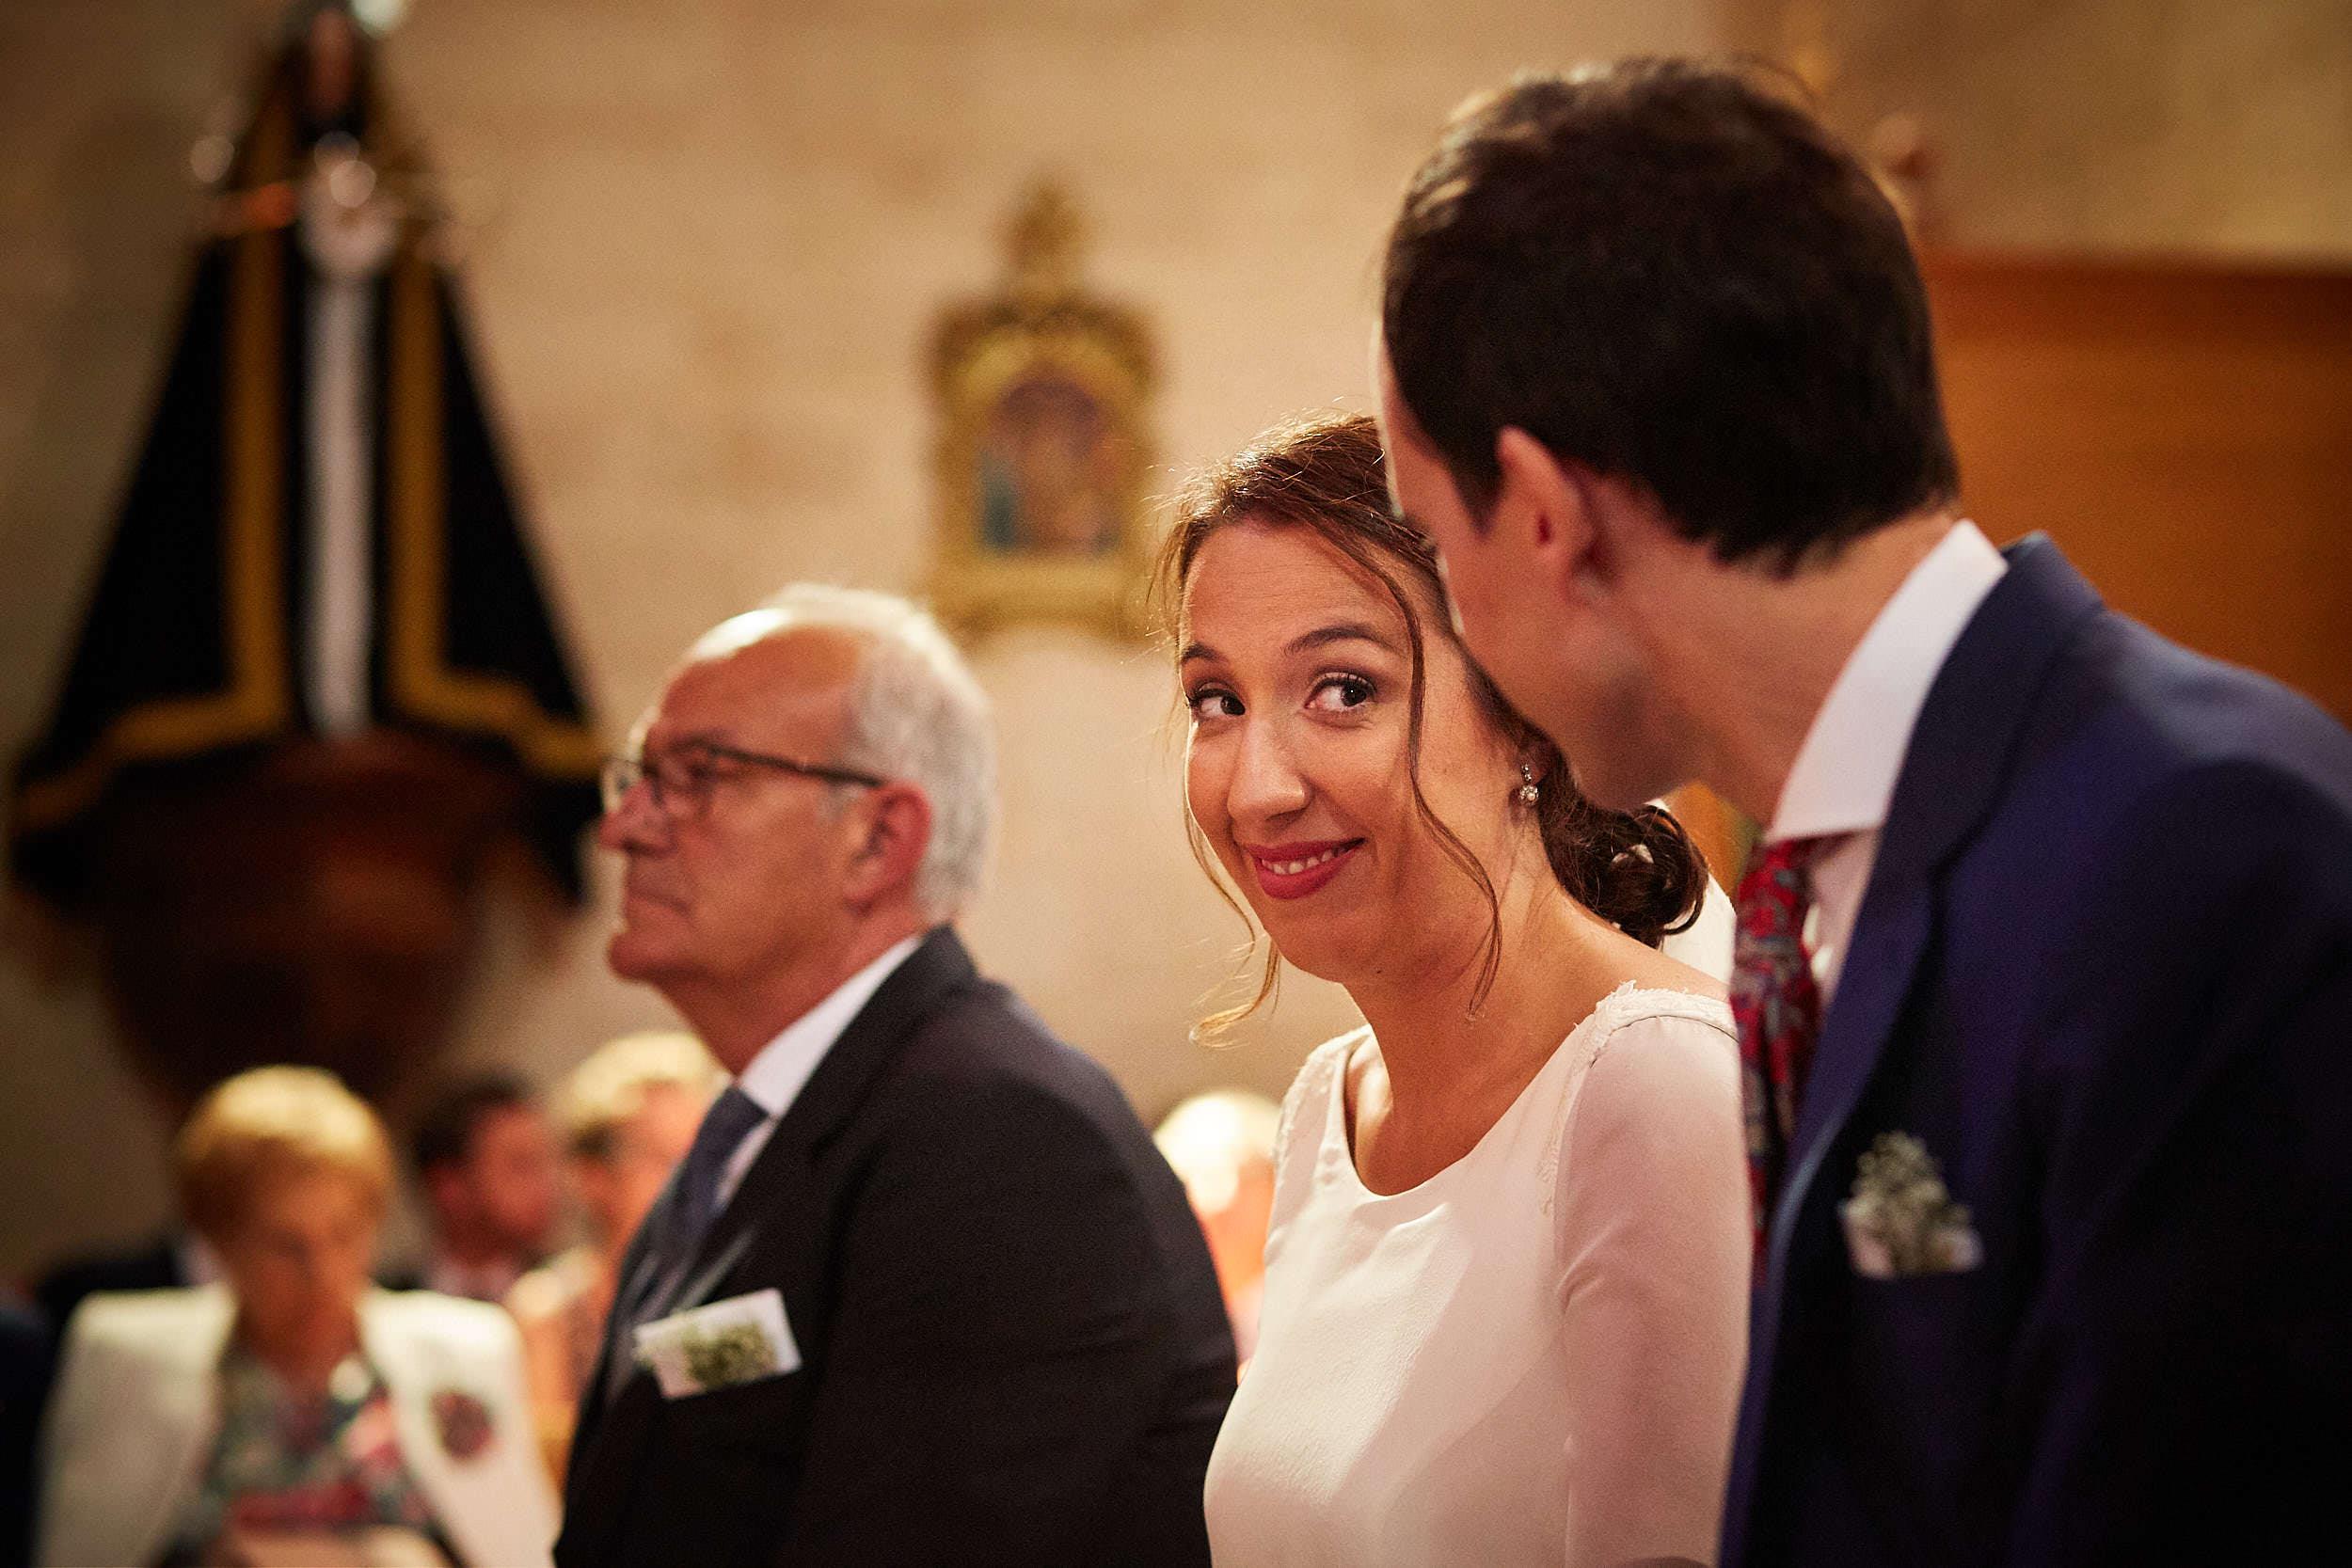 Fotógrafo de boda con estilo documental y fotoperiodismo en La Rioja Palacio Casafuerte Zarraton La Rioja Spain James Sturcke Photographer sturcke.org_00010.jpg